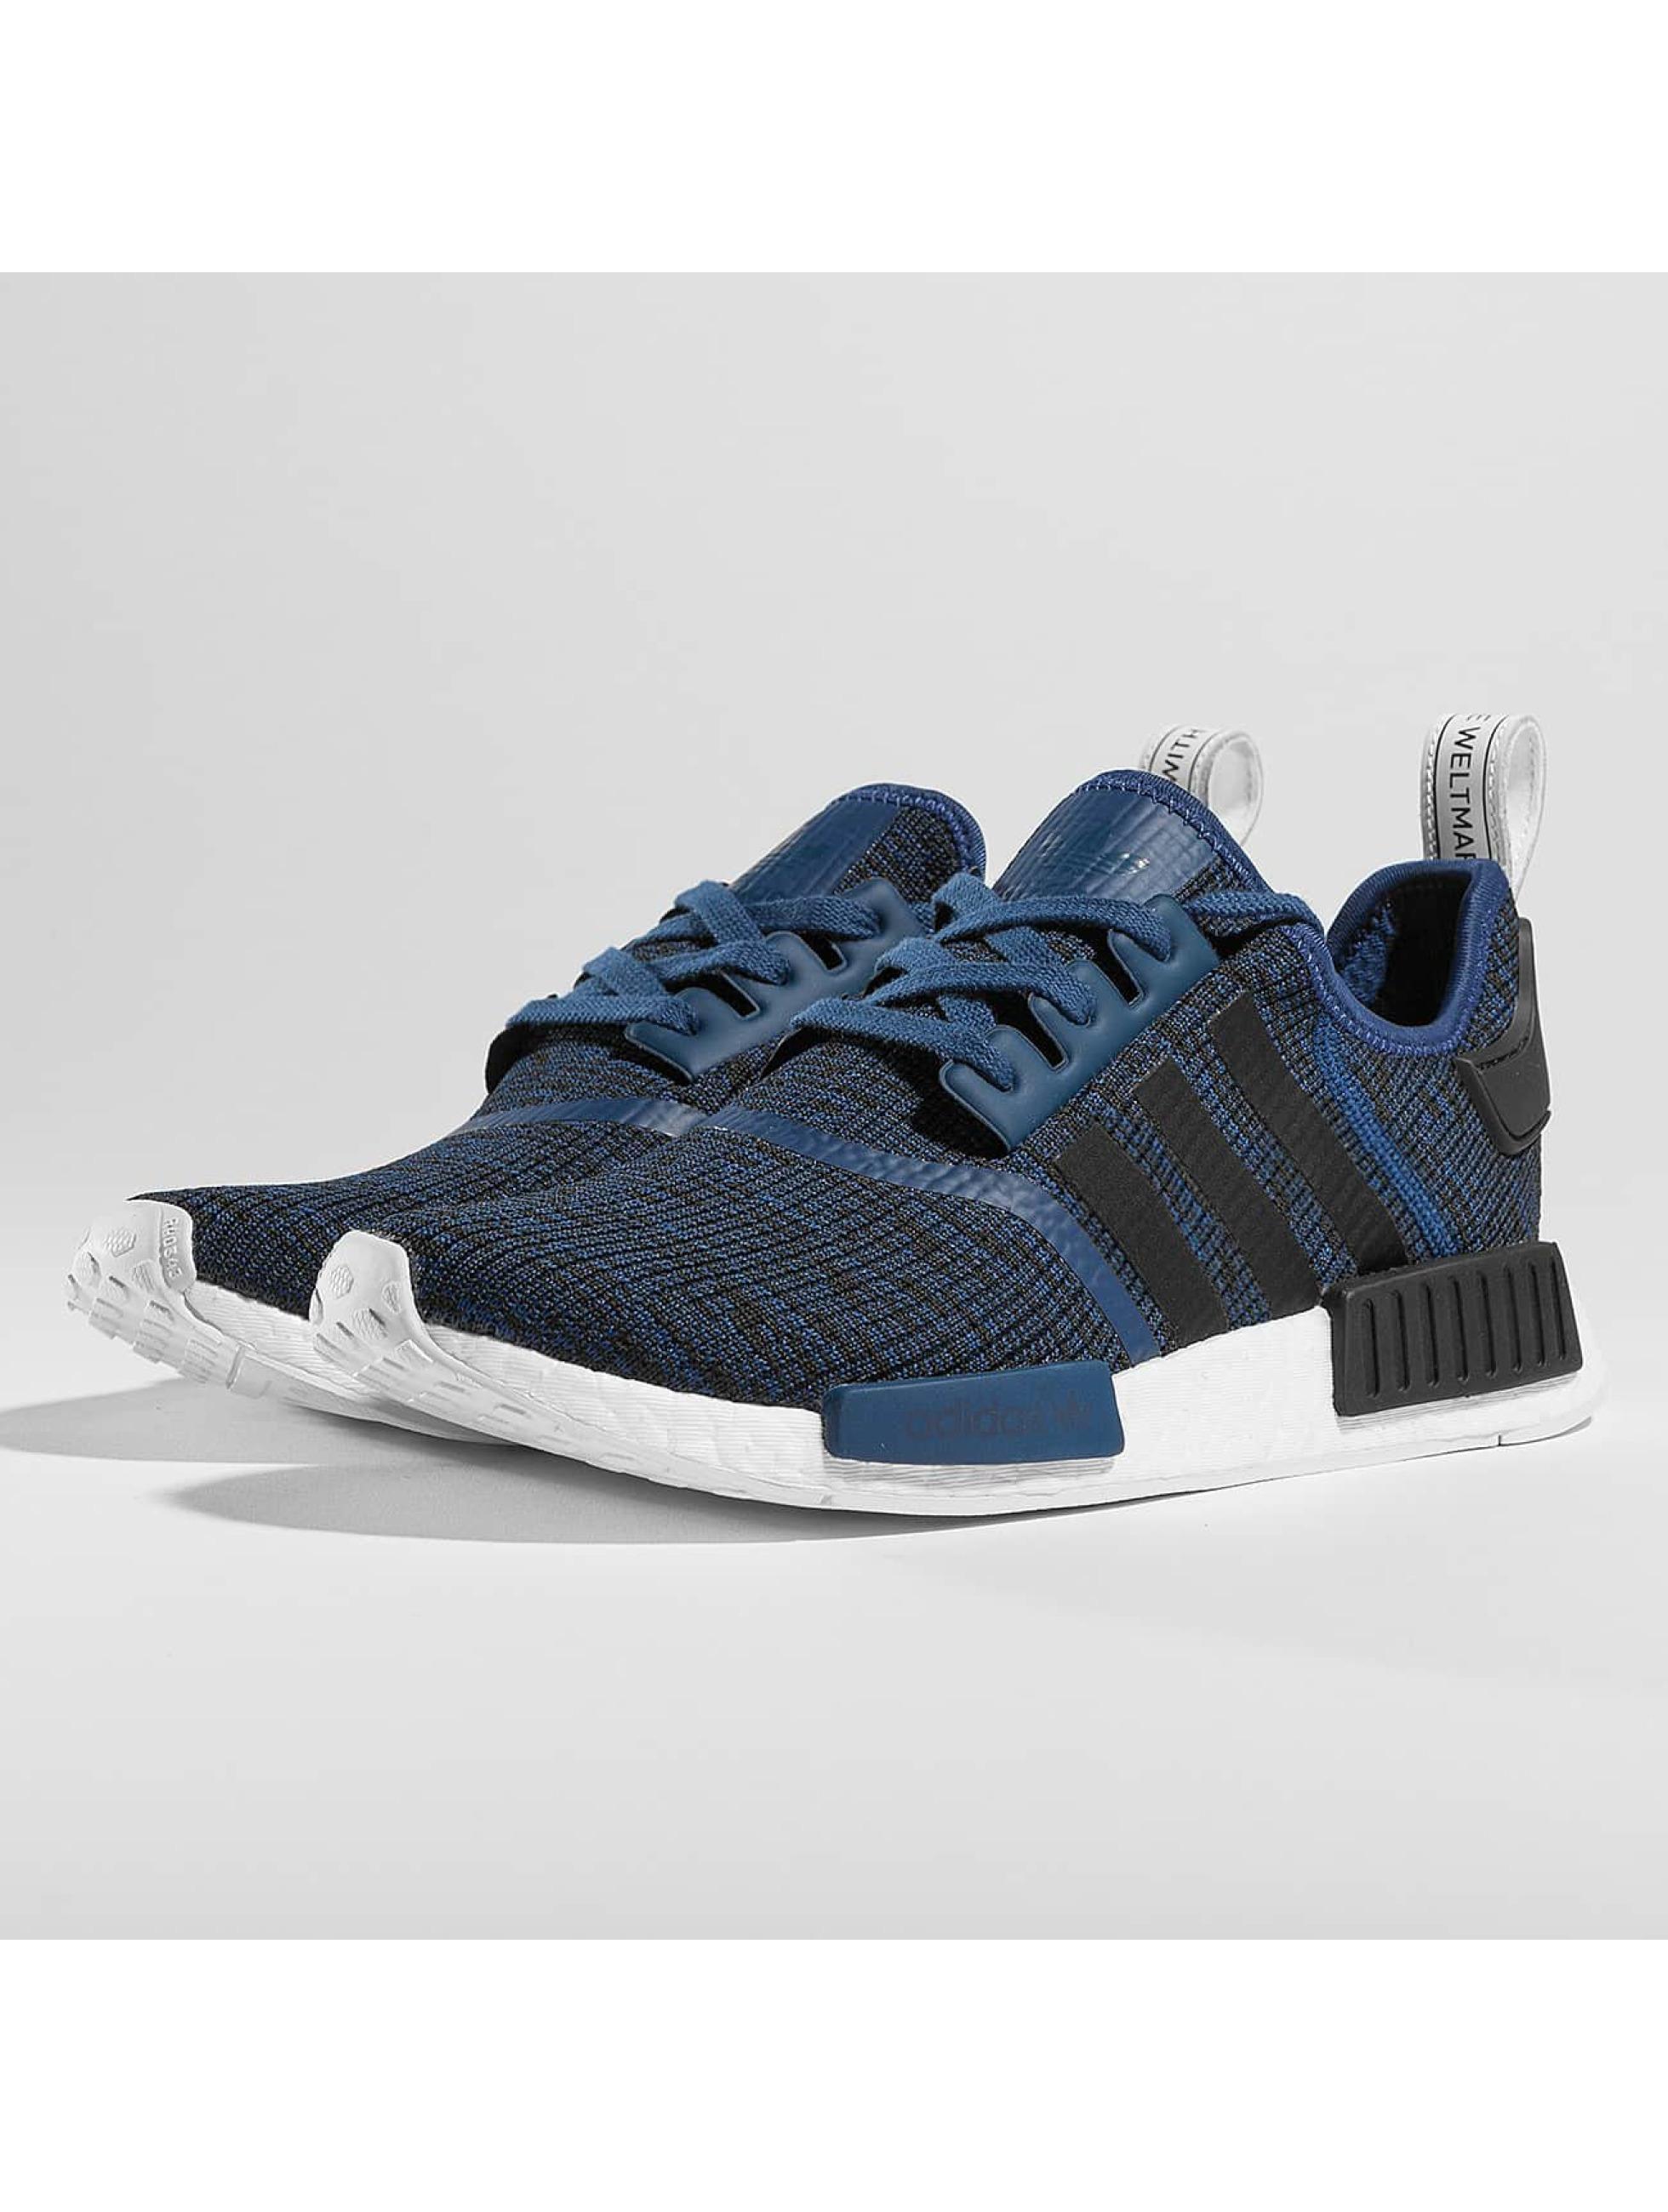 adidas nmd r1 blau